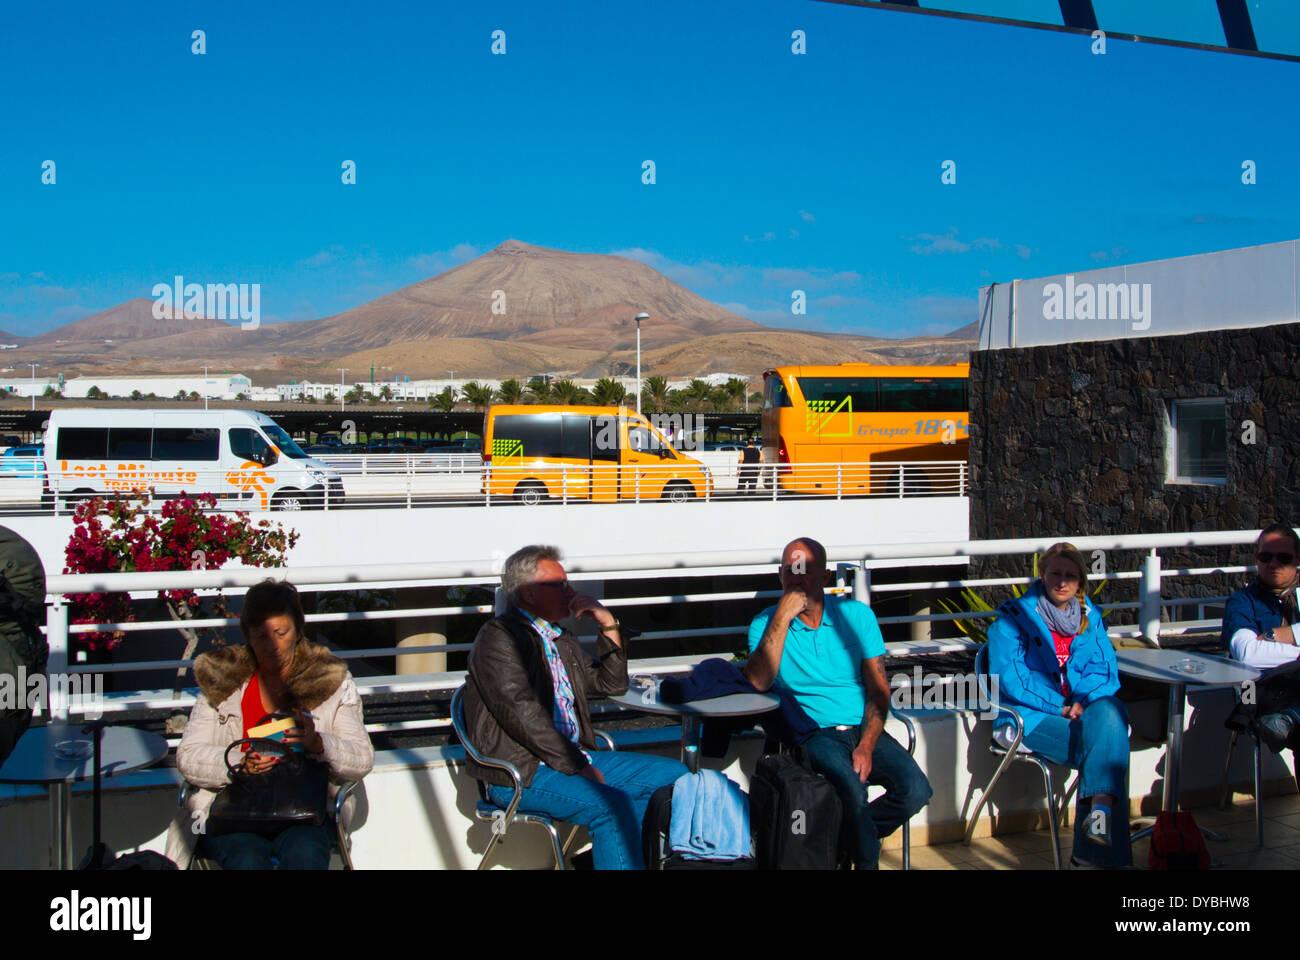 Menschen auf der Außenterrasse am Flughafen Arrecife, Lanzarote, Kanarische Inseln, Spanien, Europa Stockbild